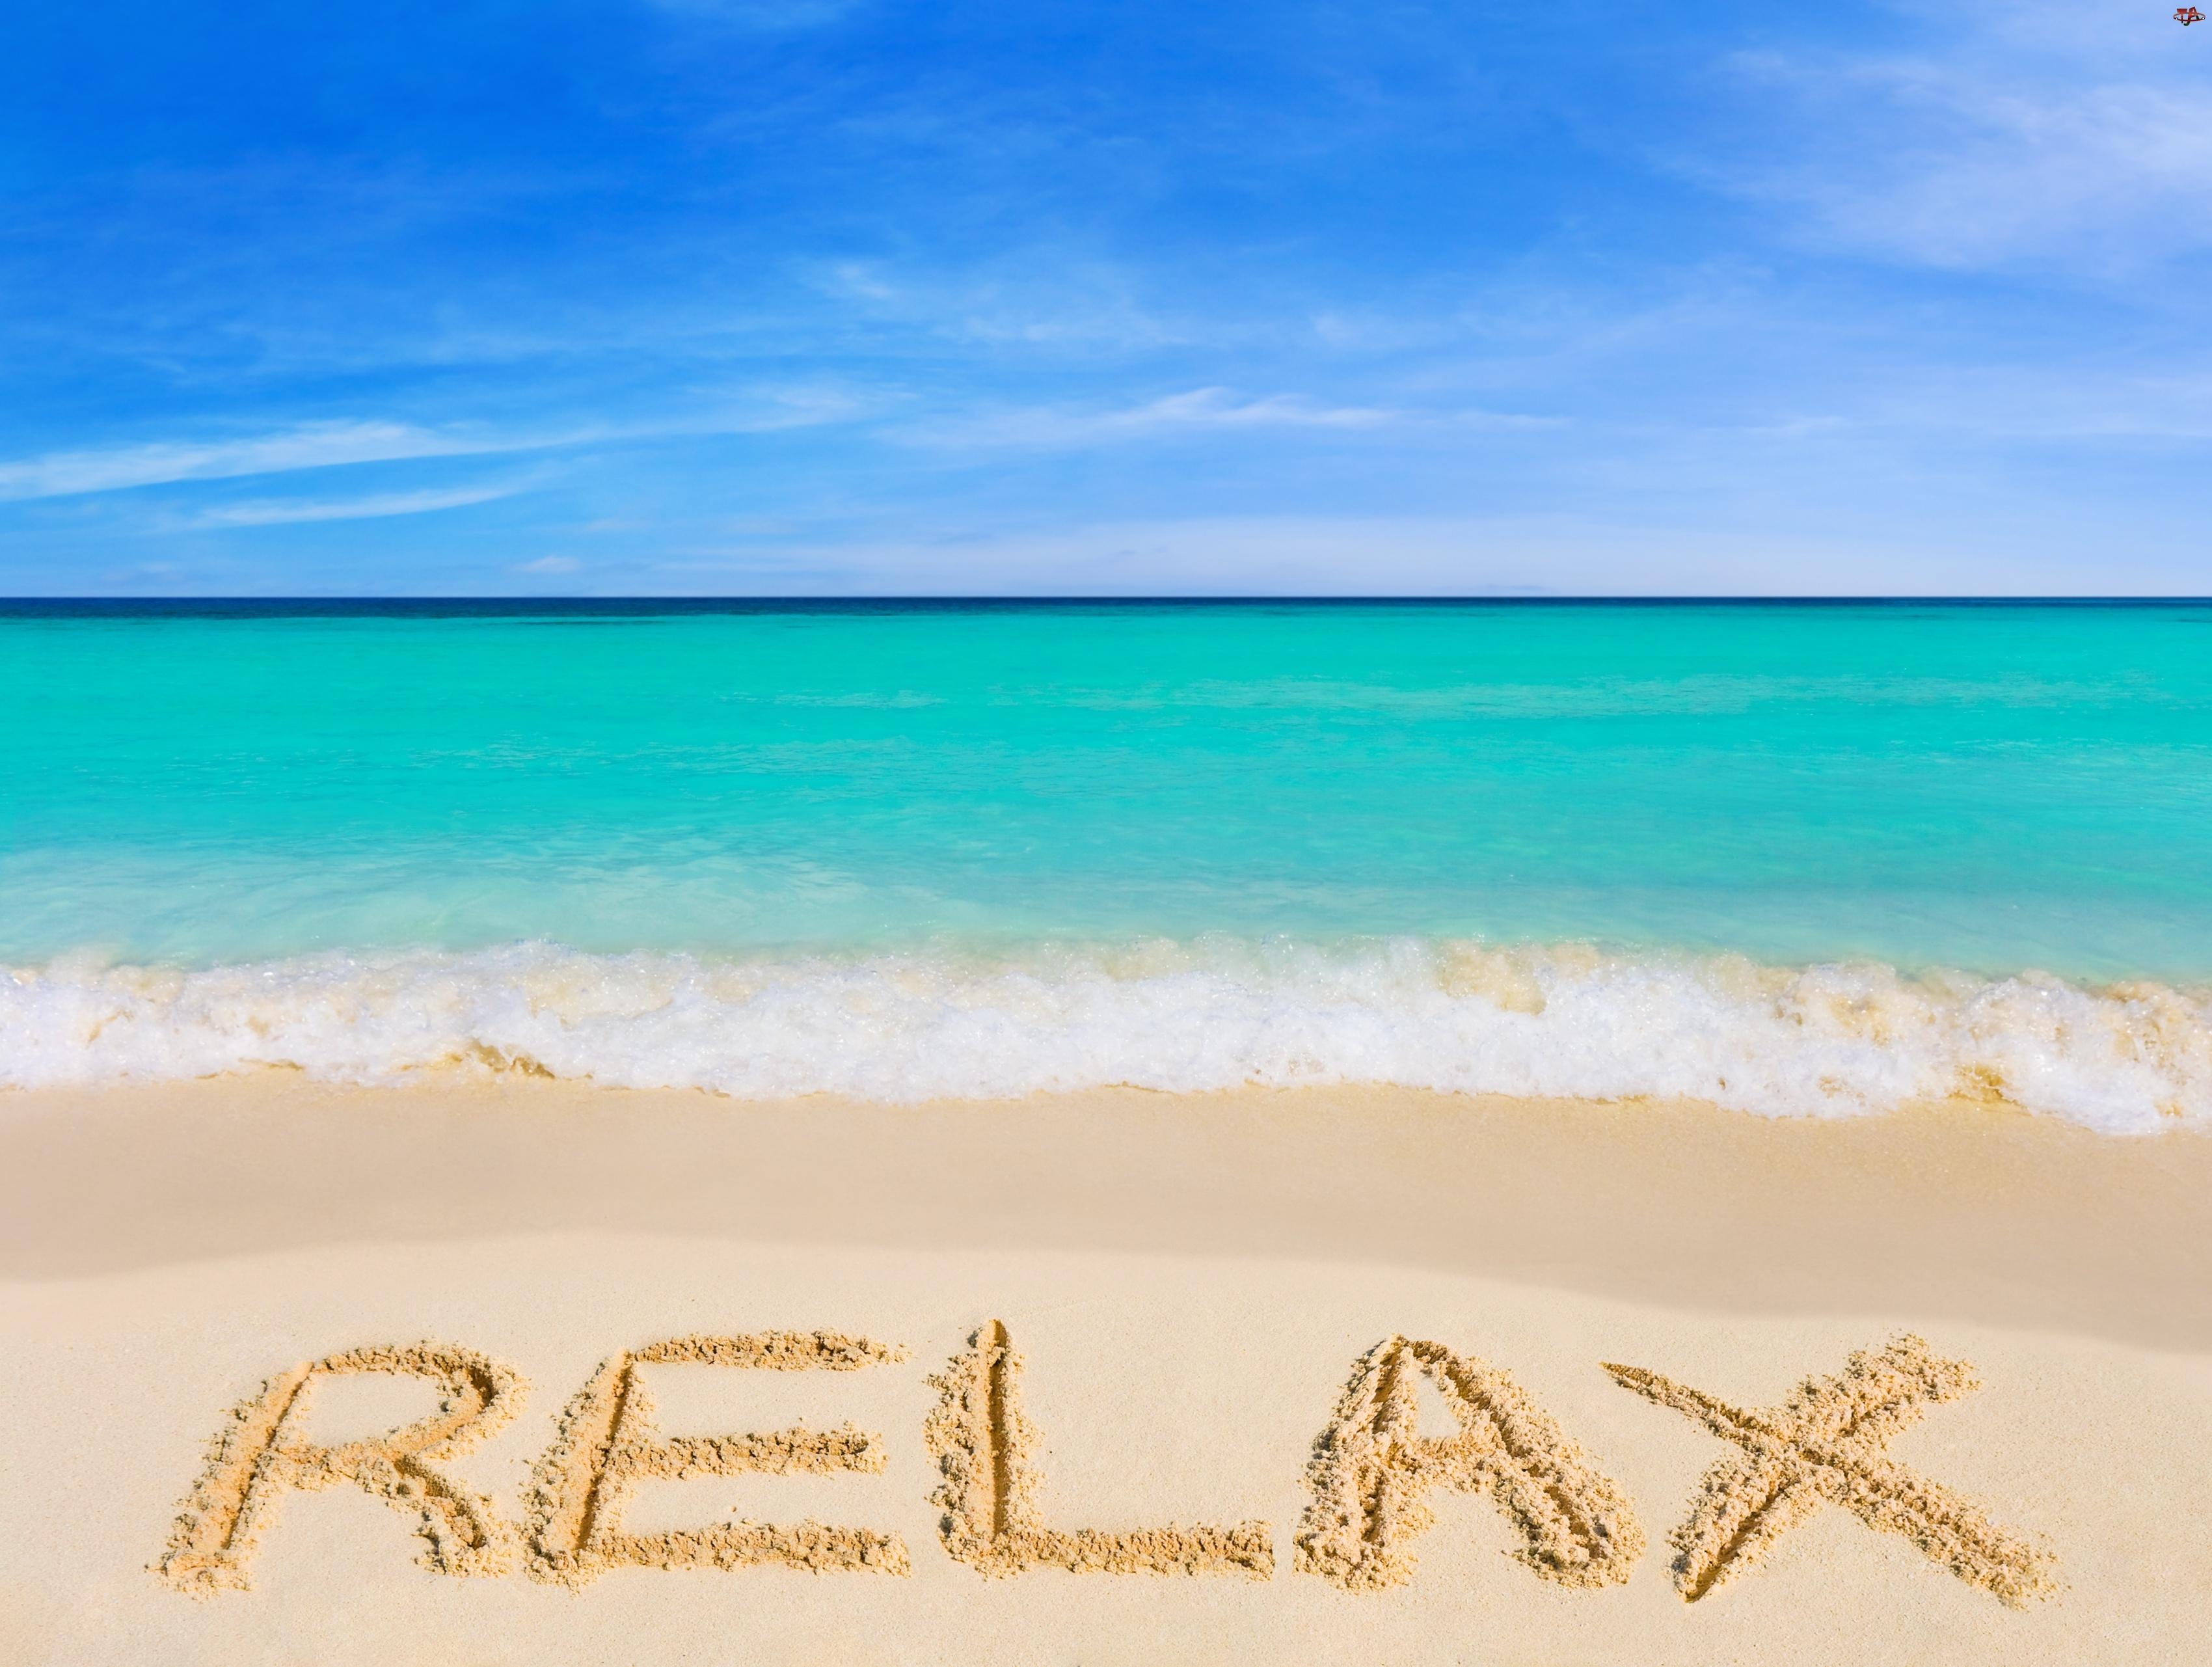 Wypoczynek, Morze, Plaża